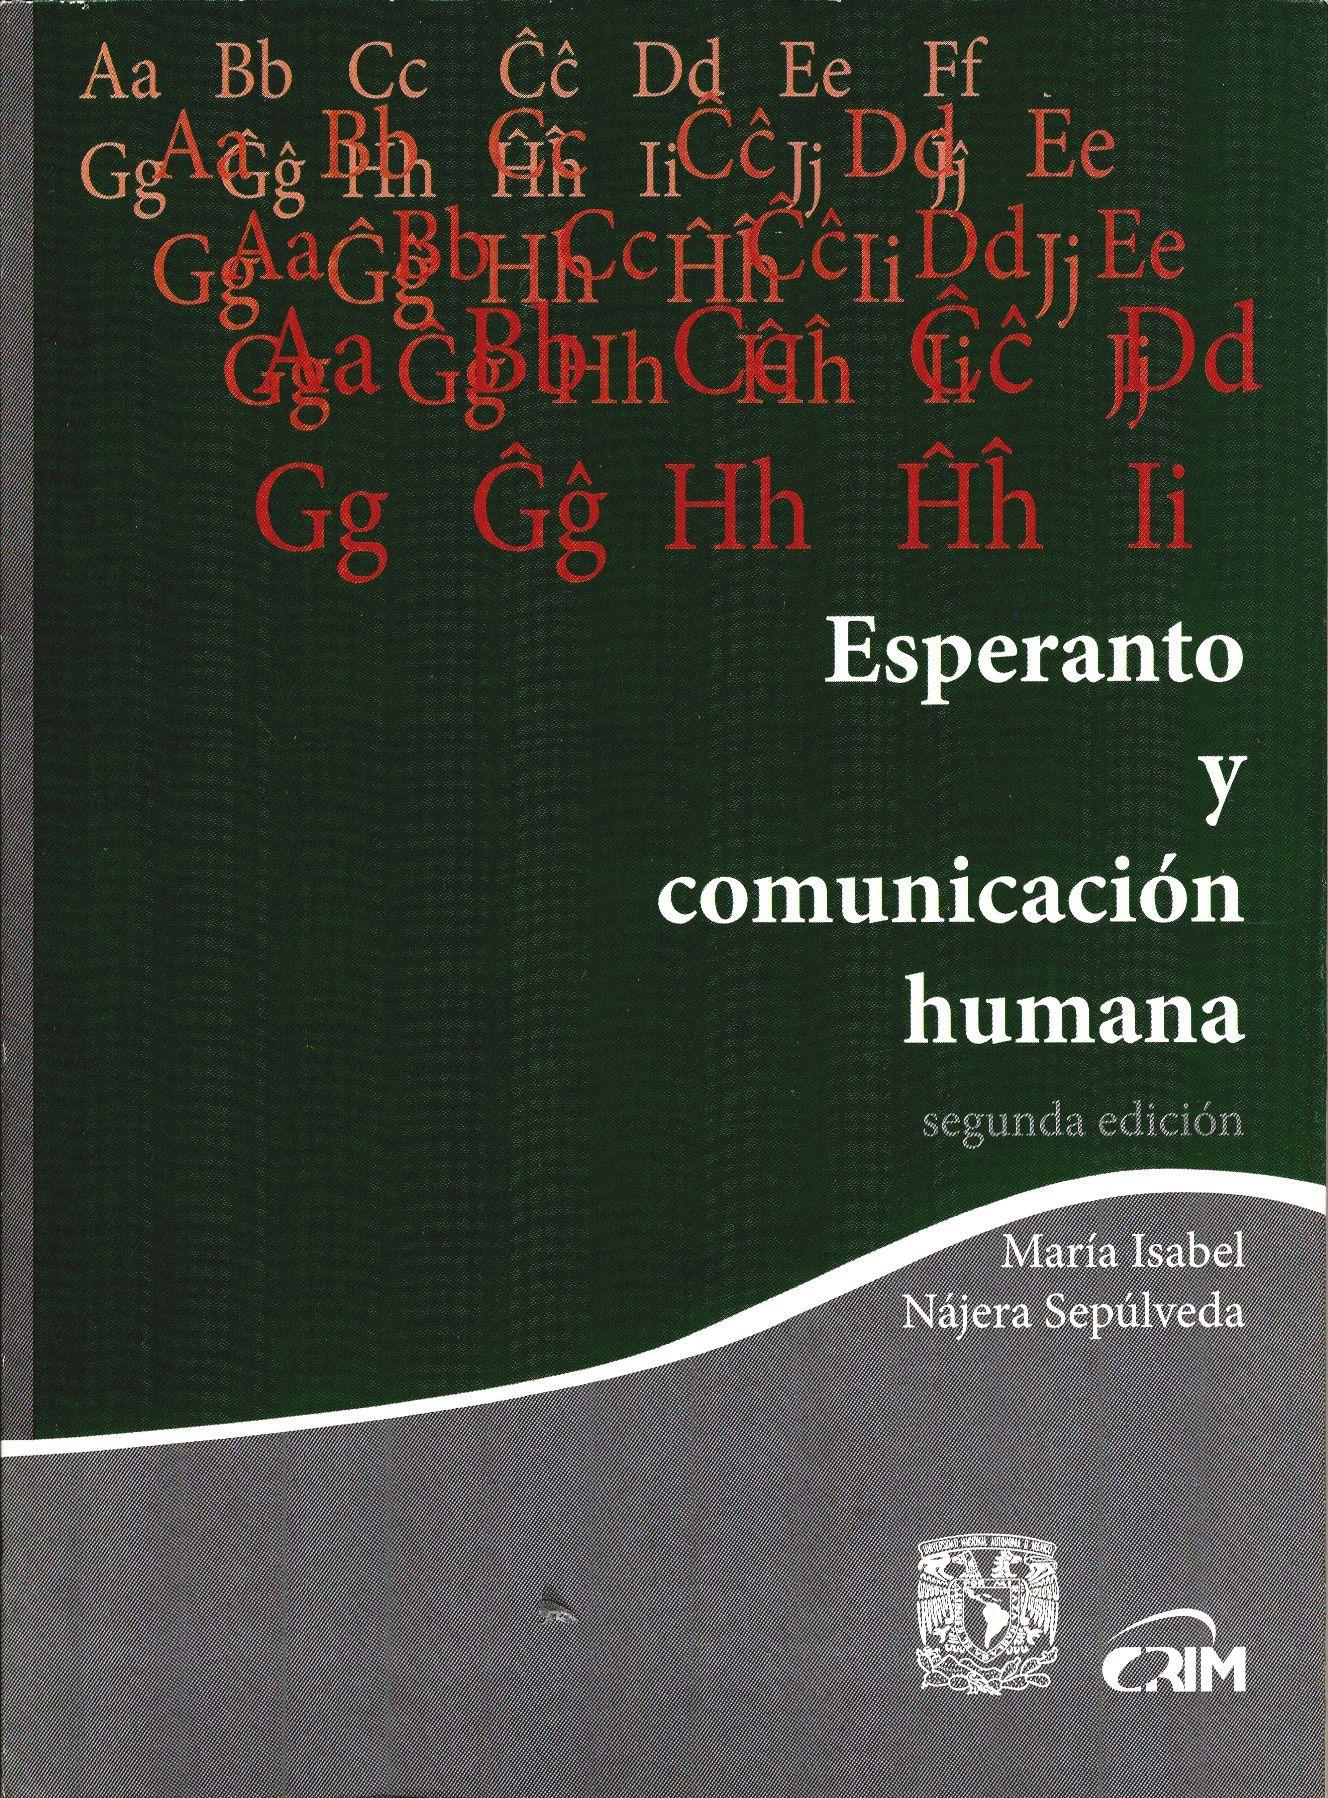 Esperanto y comunicación humana